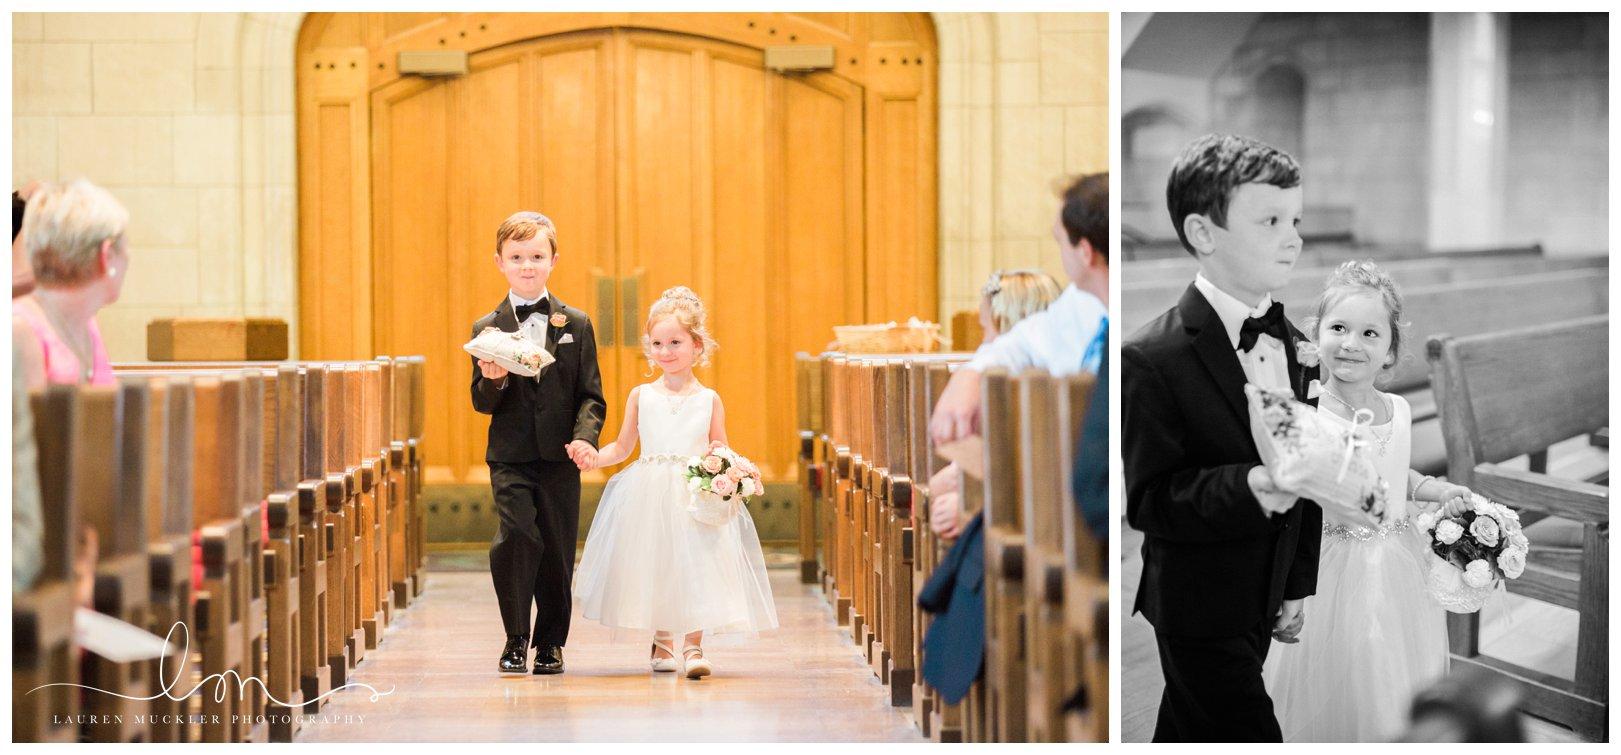 lauren muckler photography_fine art film wedding photography_st louis_photography_0619.jpg